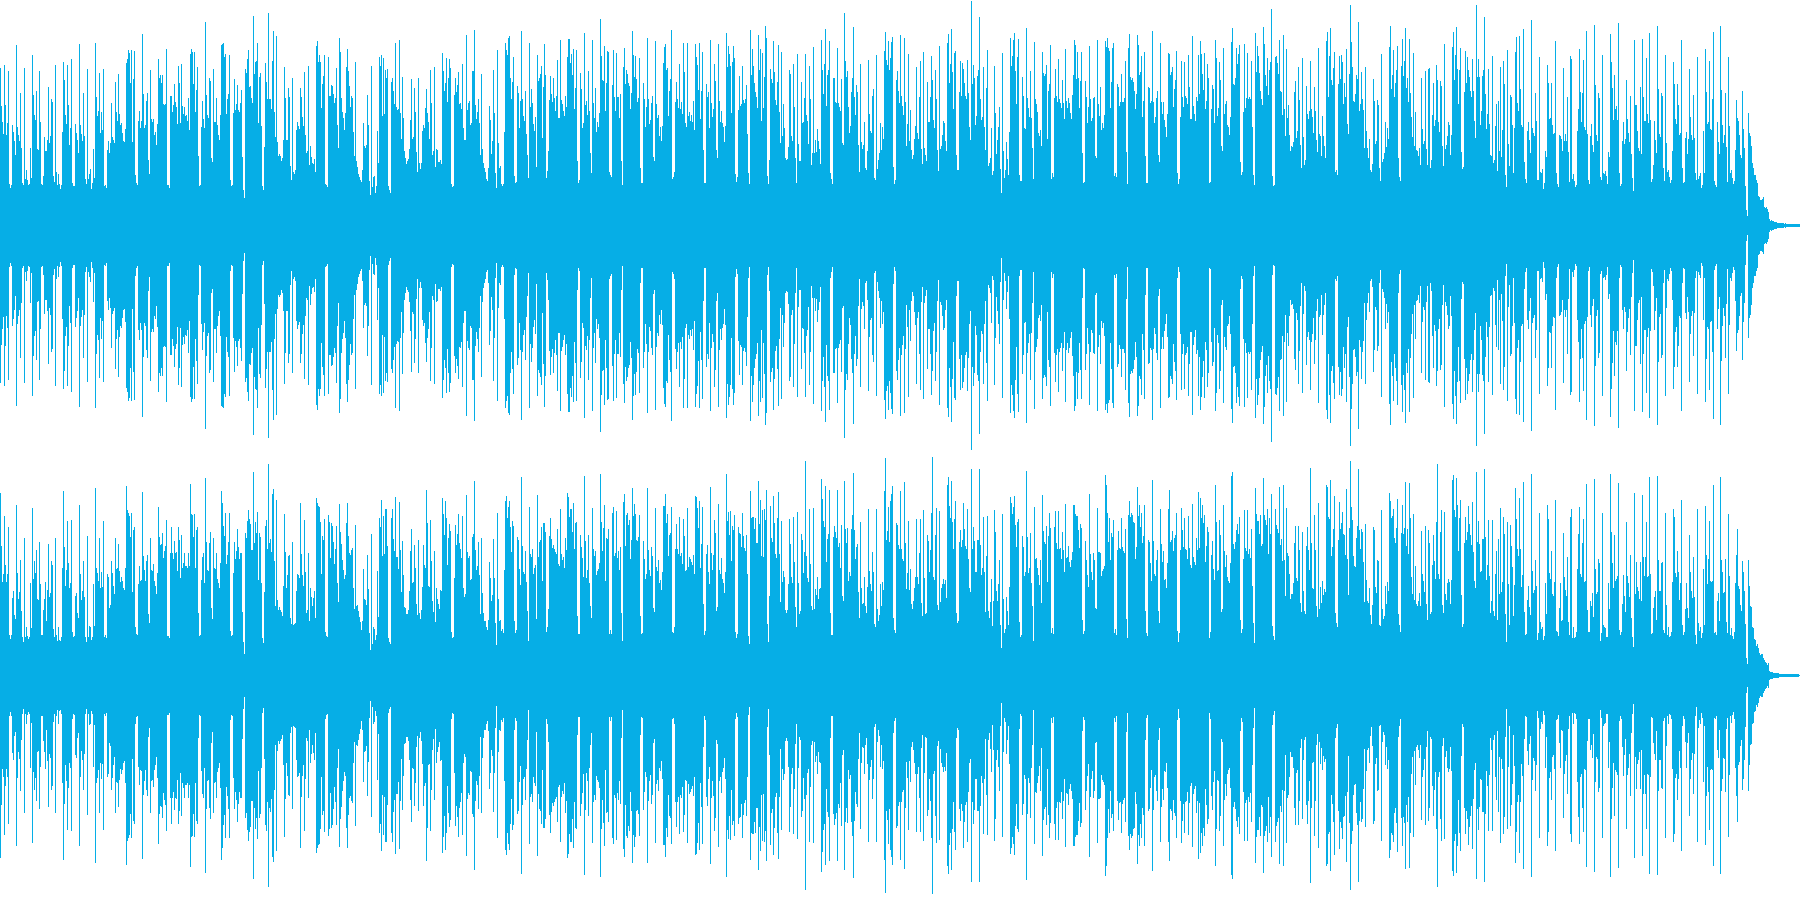 紹介動画に最適な、疾走感のある爽やかな曲の再生済みの波形